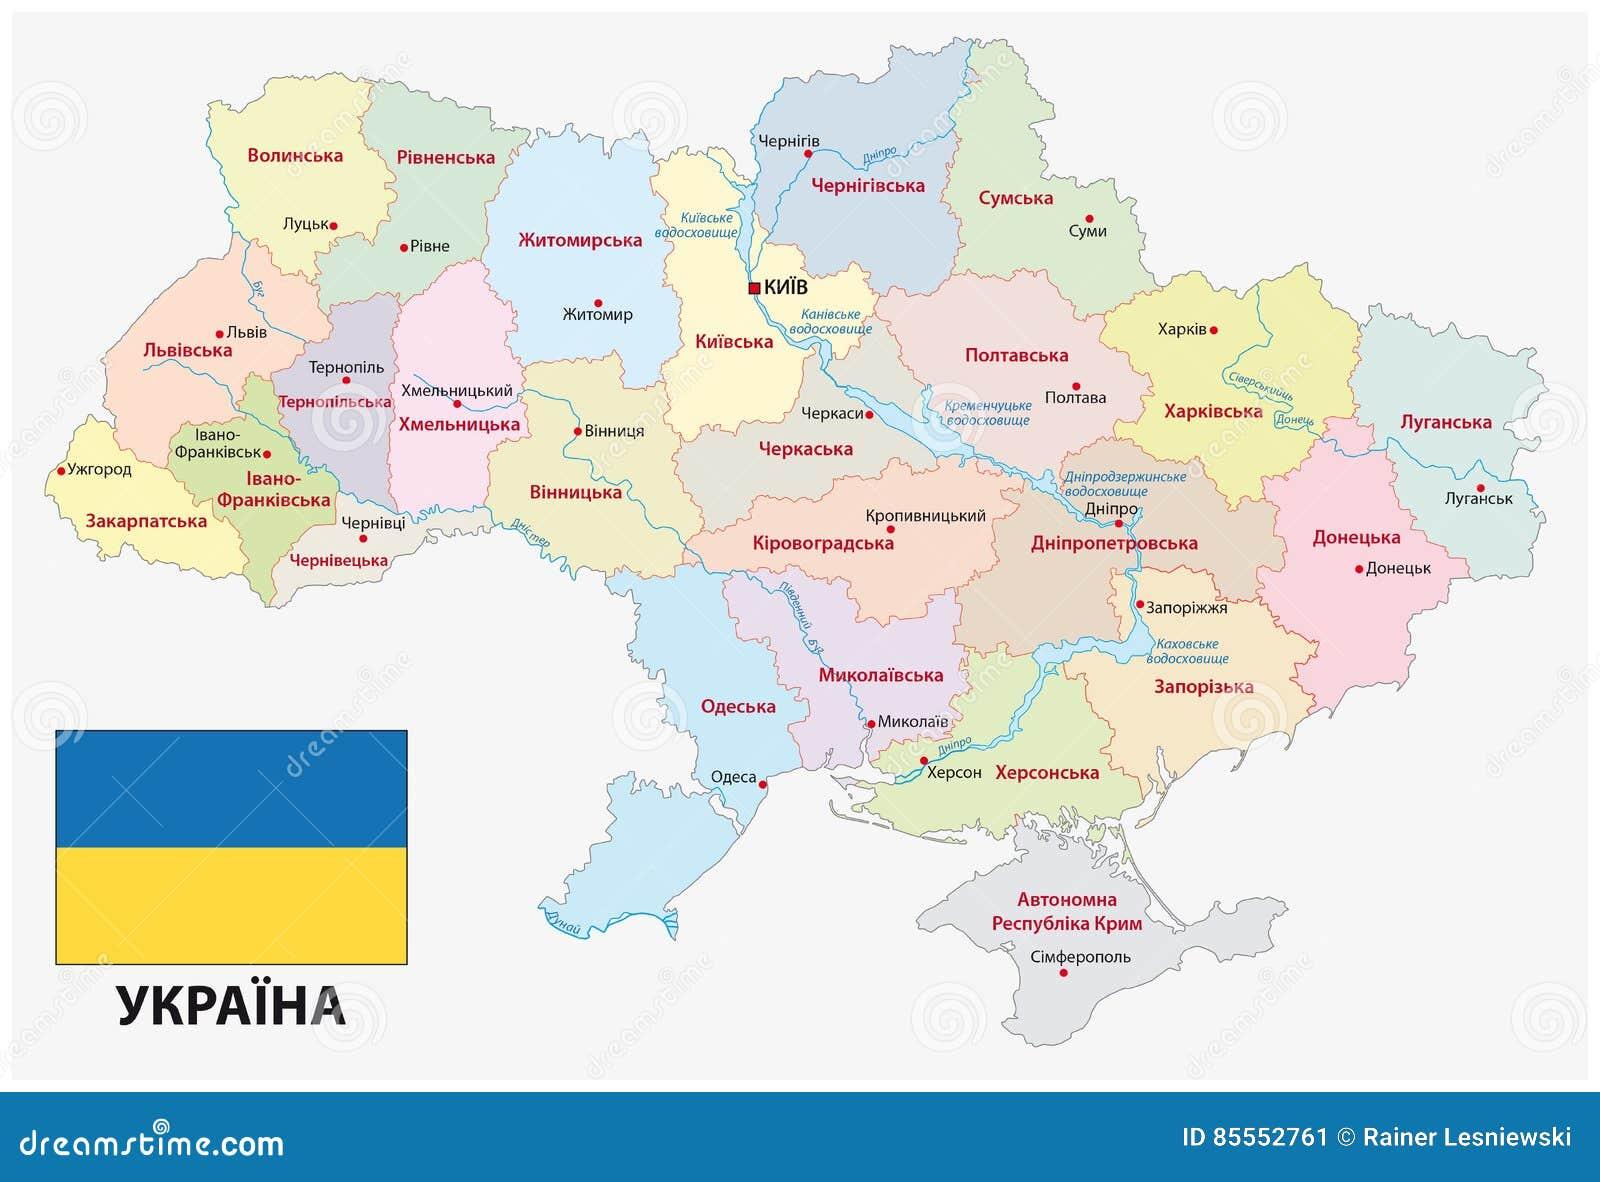 Administracyjna I Polityczna Mapa Ukraina W Ukrainskim Jezyku Z